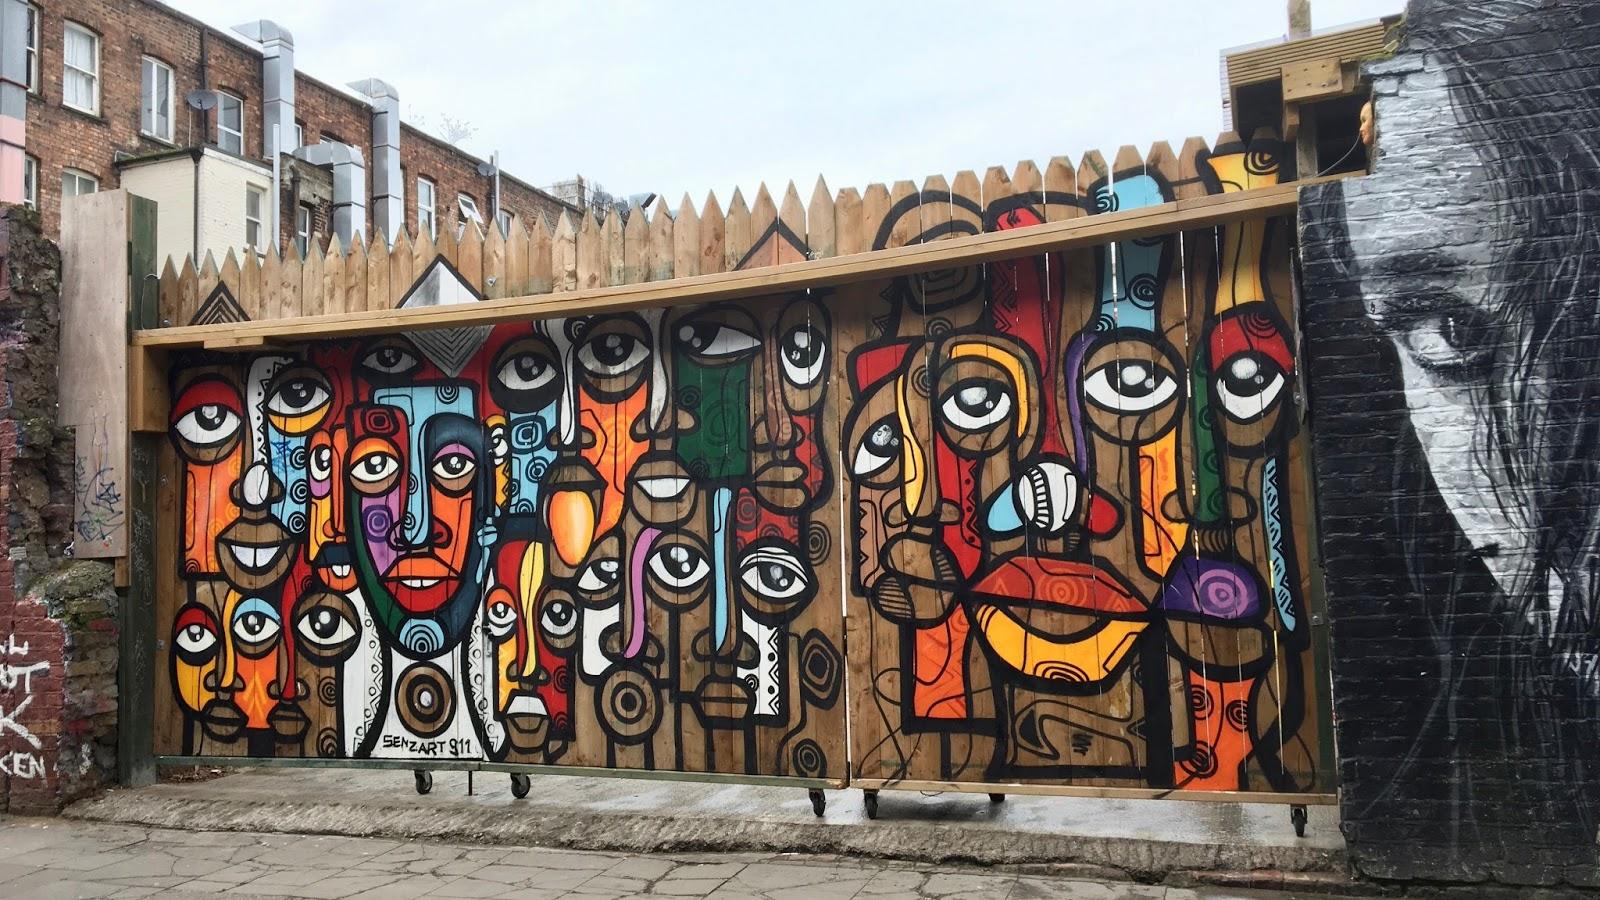 London Culture African Graffiti Art Brick Lane